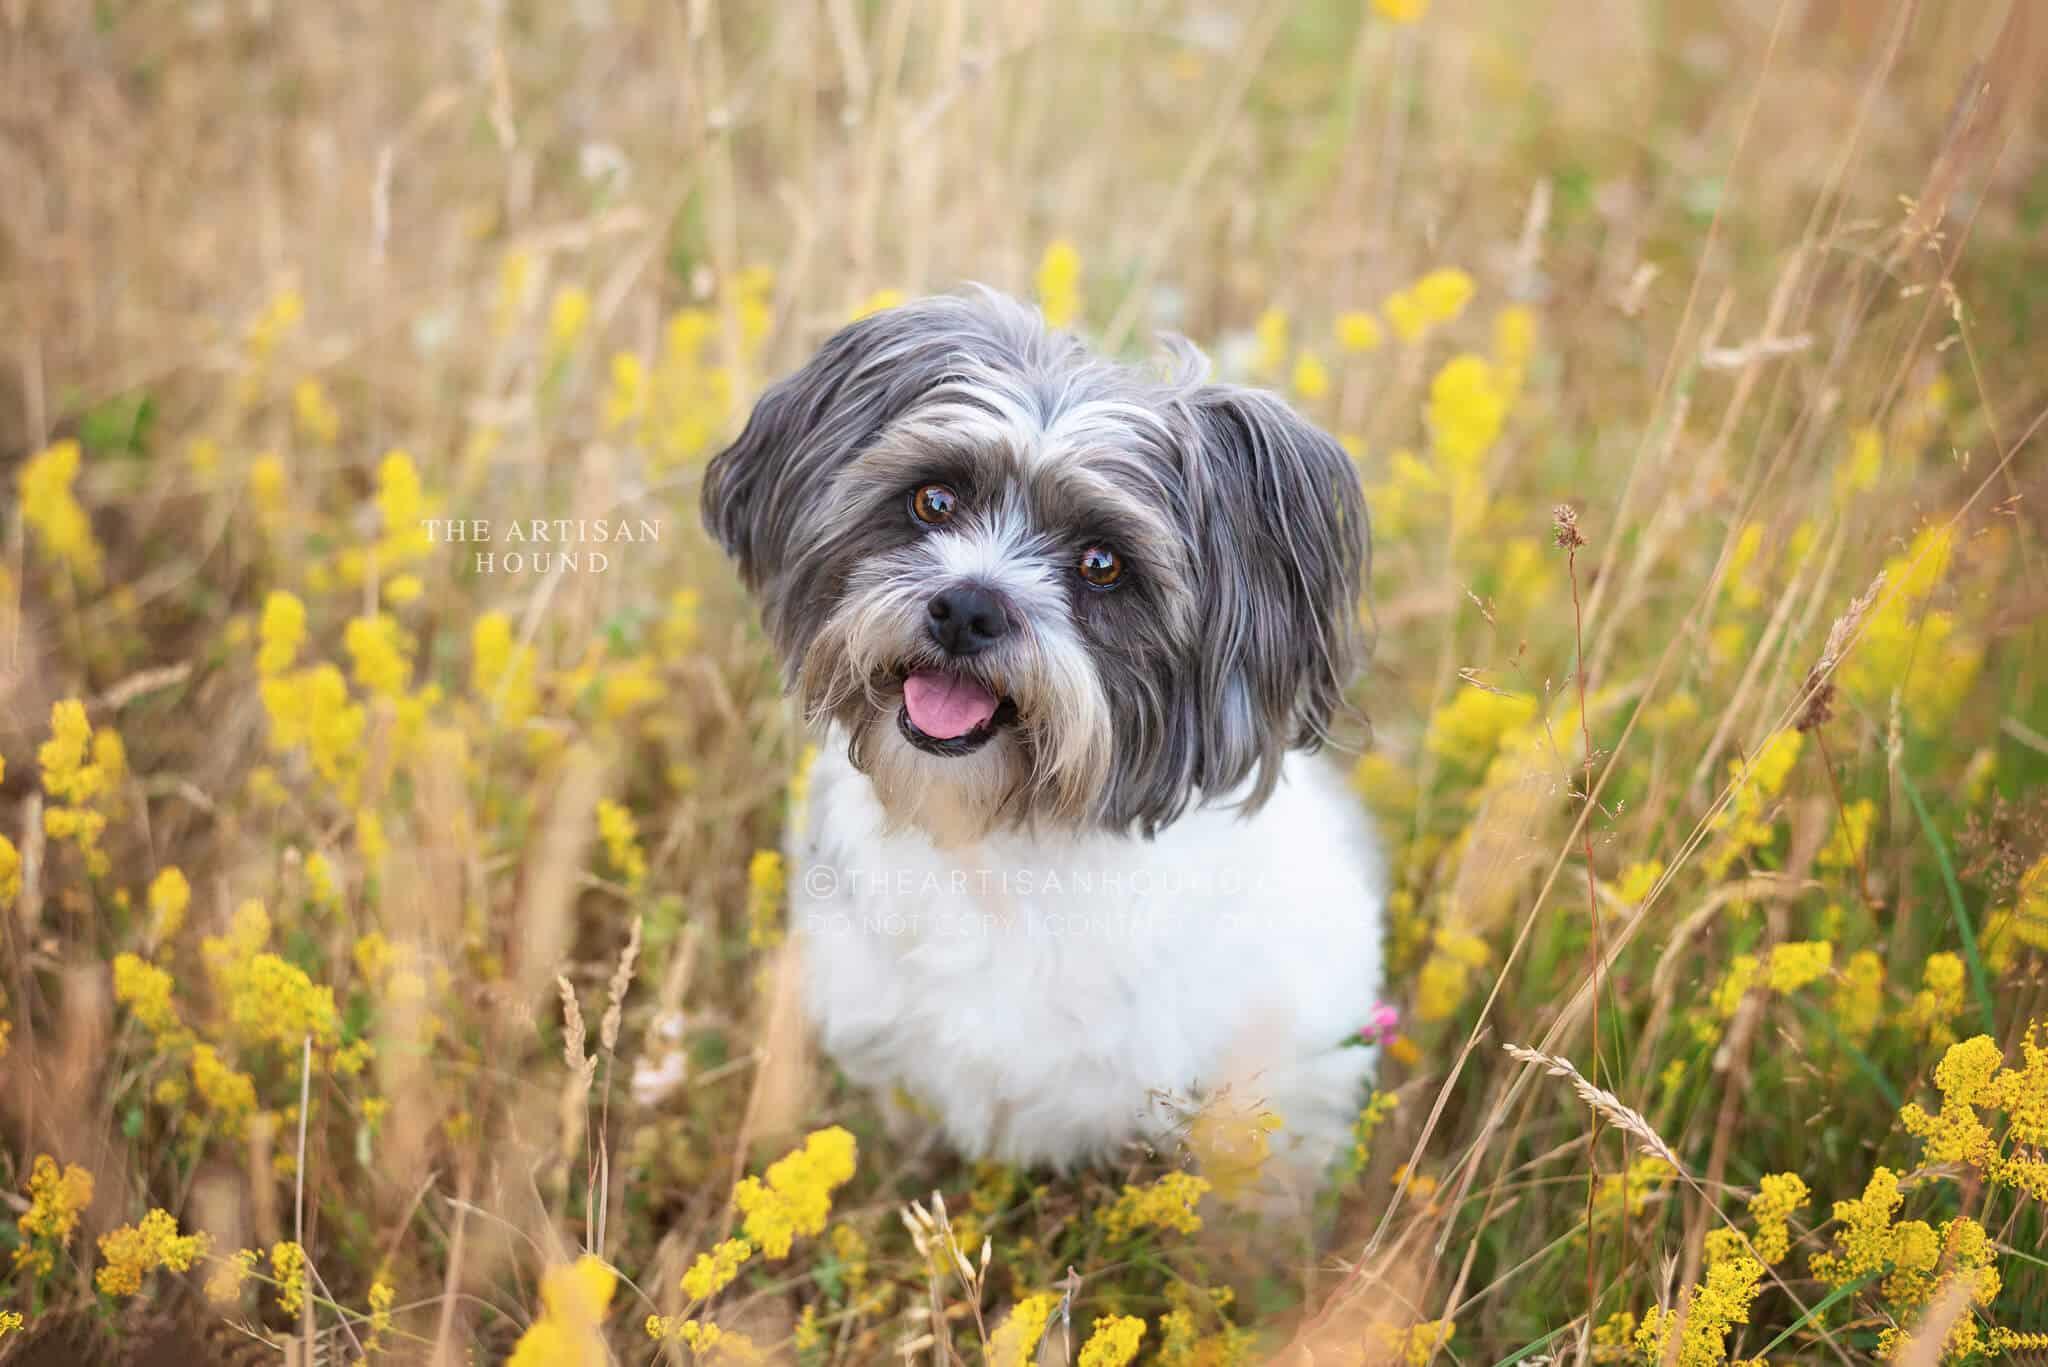 Bichon cross breed sitting in yellow meadow flowers